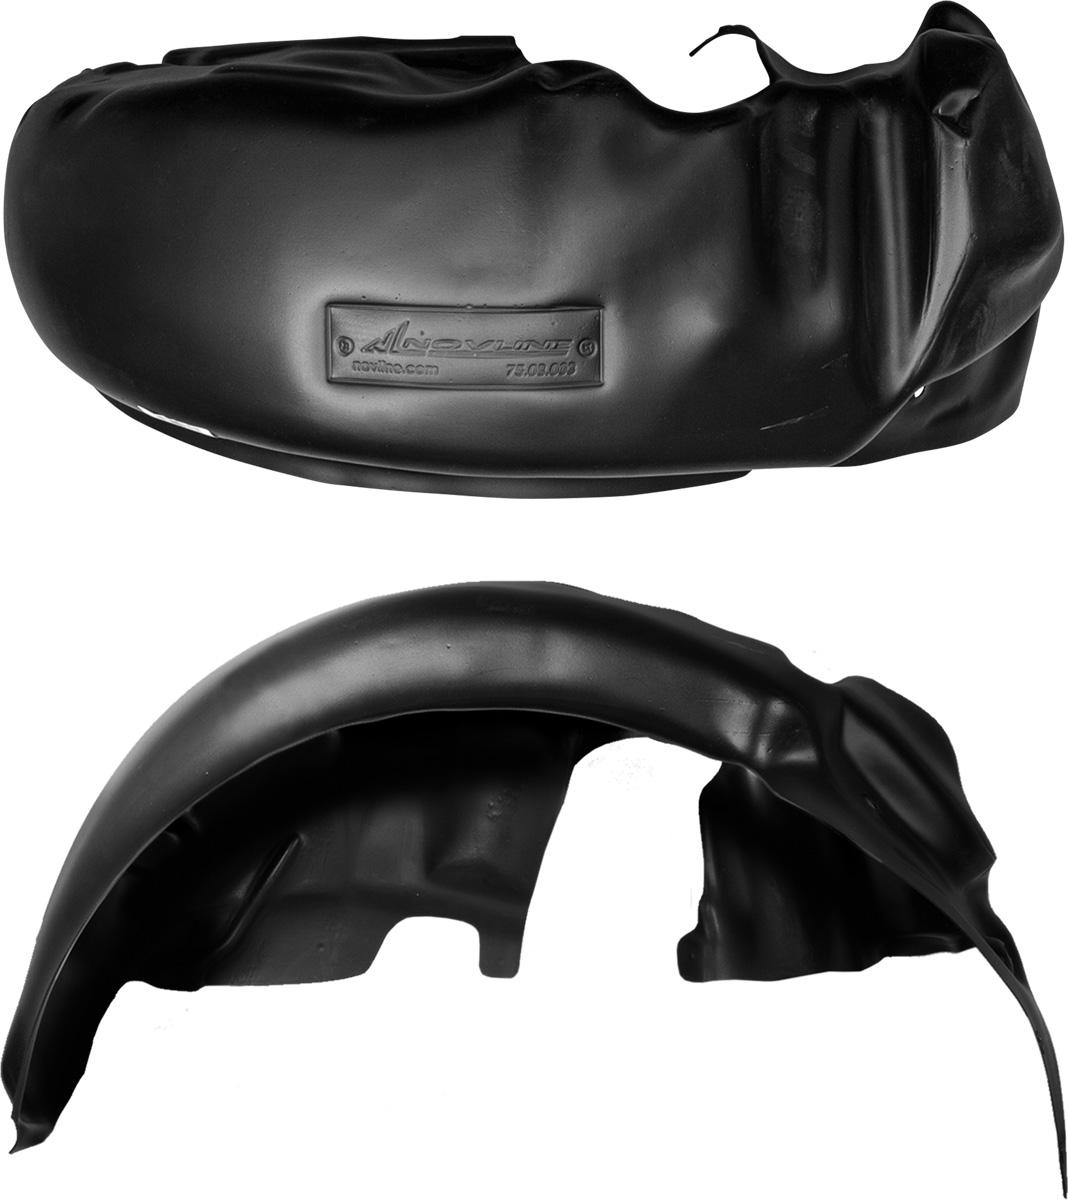 Подкрылок NISSAN Juke 2WD 2010-2014, 2014->, задний левыйNLL.36.35.003Колесные ниши – одни из самых уязвимых зон днища вашего автомобиля. Они постоянно подвергаются воздействию со стороны дороги. Лучшая, почти абсолютная защита для них - специально отформованные пластиковые кожухи, которые называются подкрылками, или локерами. Производятся они как для отечественных моделей автомобилей, так и для иномарок. Подкрылки выполнены из высококачественного, экологически чистого пластика. Обеспечивают надежную защиту кузова автомобиля от пескоструйного эффекта и негативного влияния, агрессивных антигололедных реагентов. Пластик обладает более низкой теплопроводностью, чем металл, поэтому в зимний период эксплуатации использование пластиковых подкрылков позволяет лучше защитить колесные ниши от налипания снега и образования наледи. Оригинальность конструкции подчеркивает элегантность автомобиля, бережно защищает нанесенное на днище кузова антикоррозийное покрытие и позволяет осуществить крепление подкрылков внутри колесной арки практически без дополнительного...